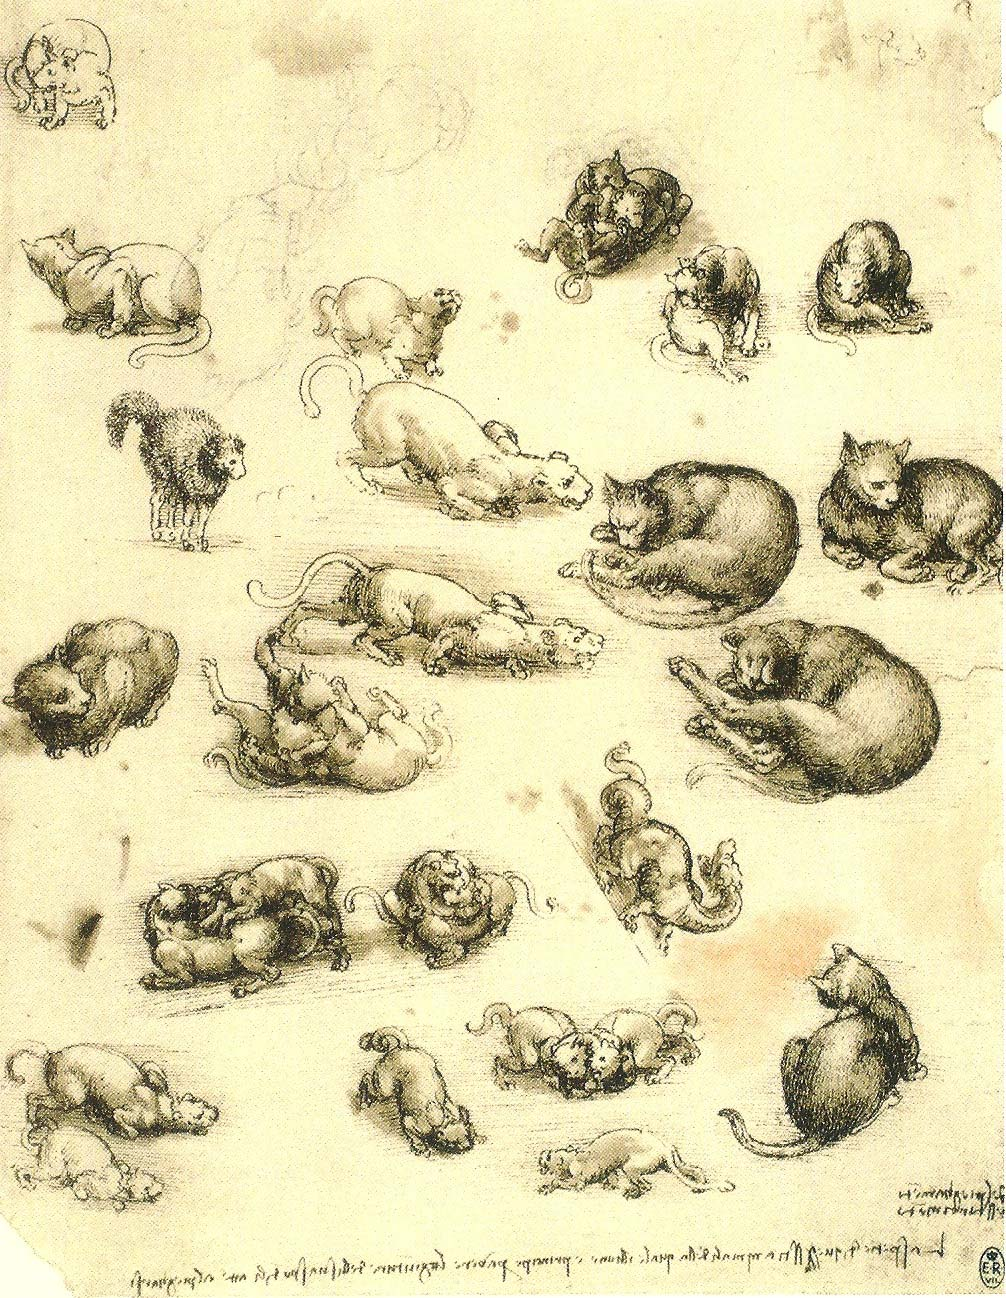 Leonardo da Vinci, Studienblatt mit Katzen und Drachen, 1513--1515